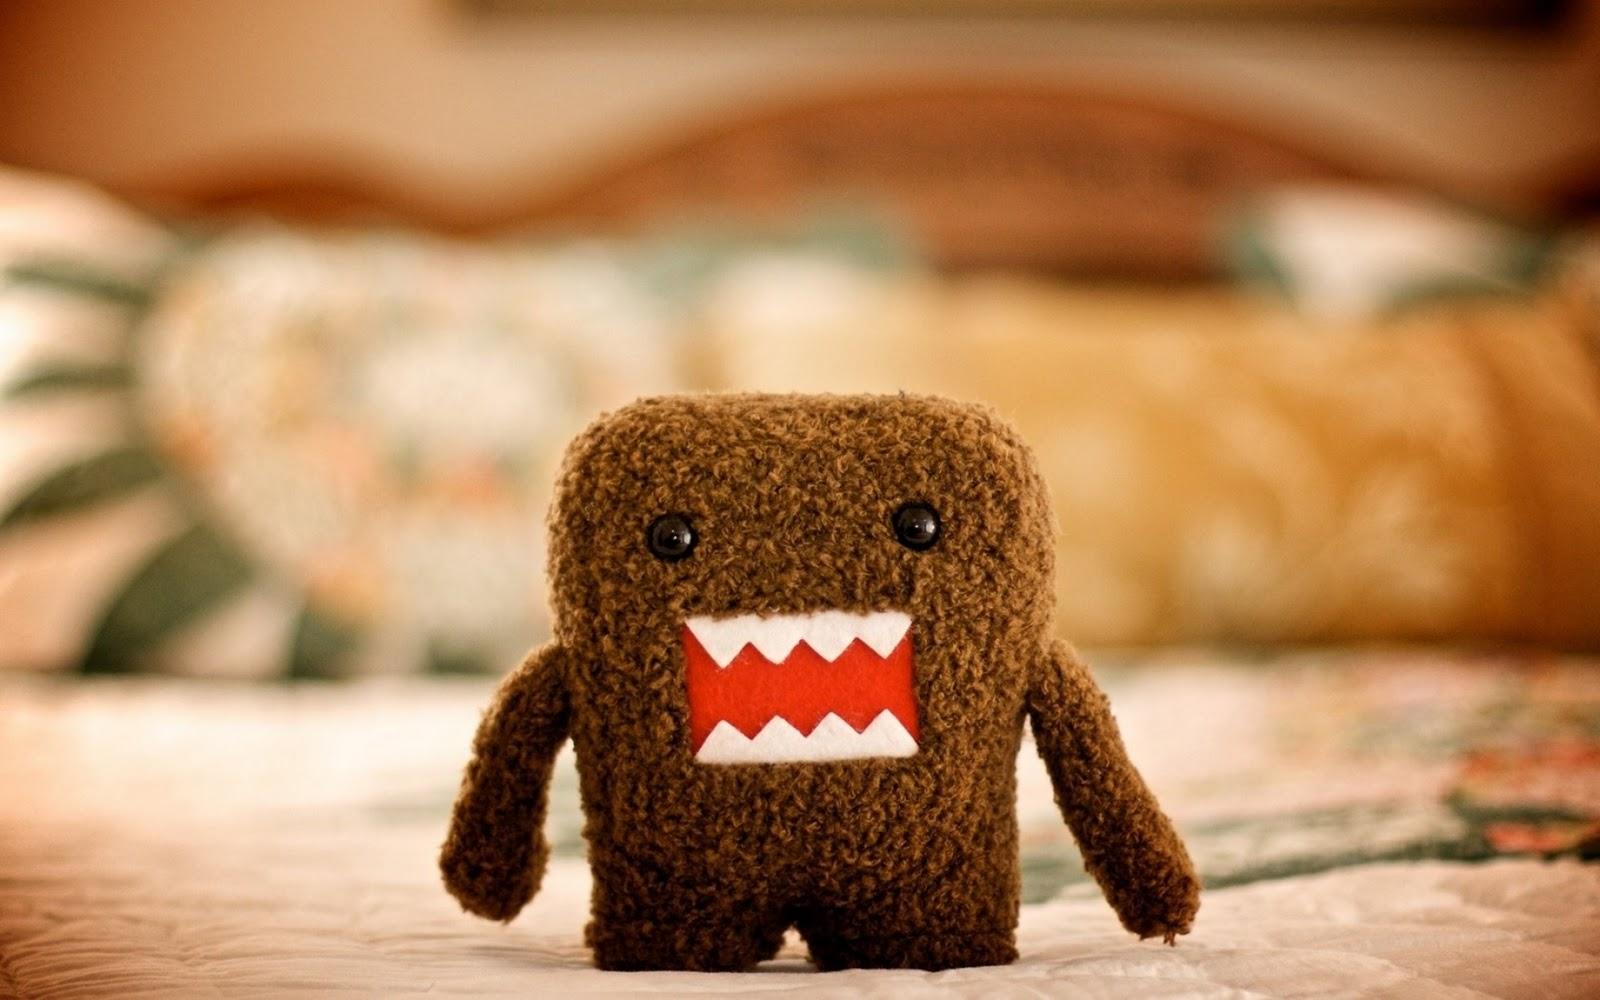 http://4.bp.blogspot.com/-RqilAtd8OCA/Tu9XWEhovRI/AAAAAAAAAY0/Wj6QY4fsGtQ/s1600/Monster.jpg